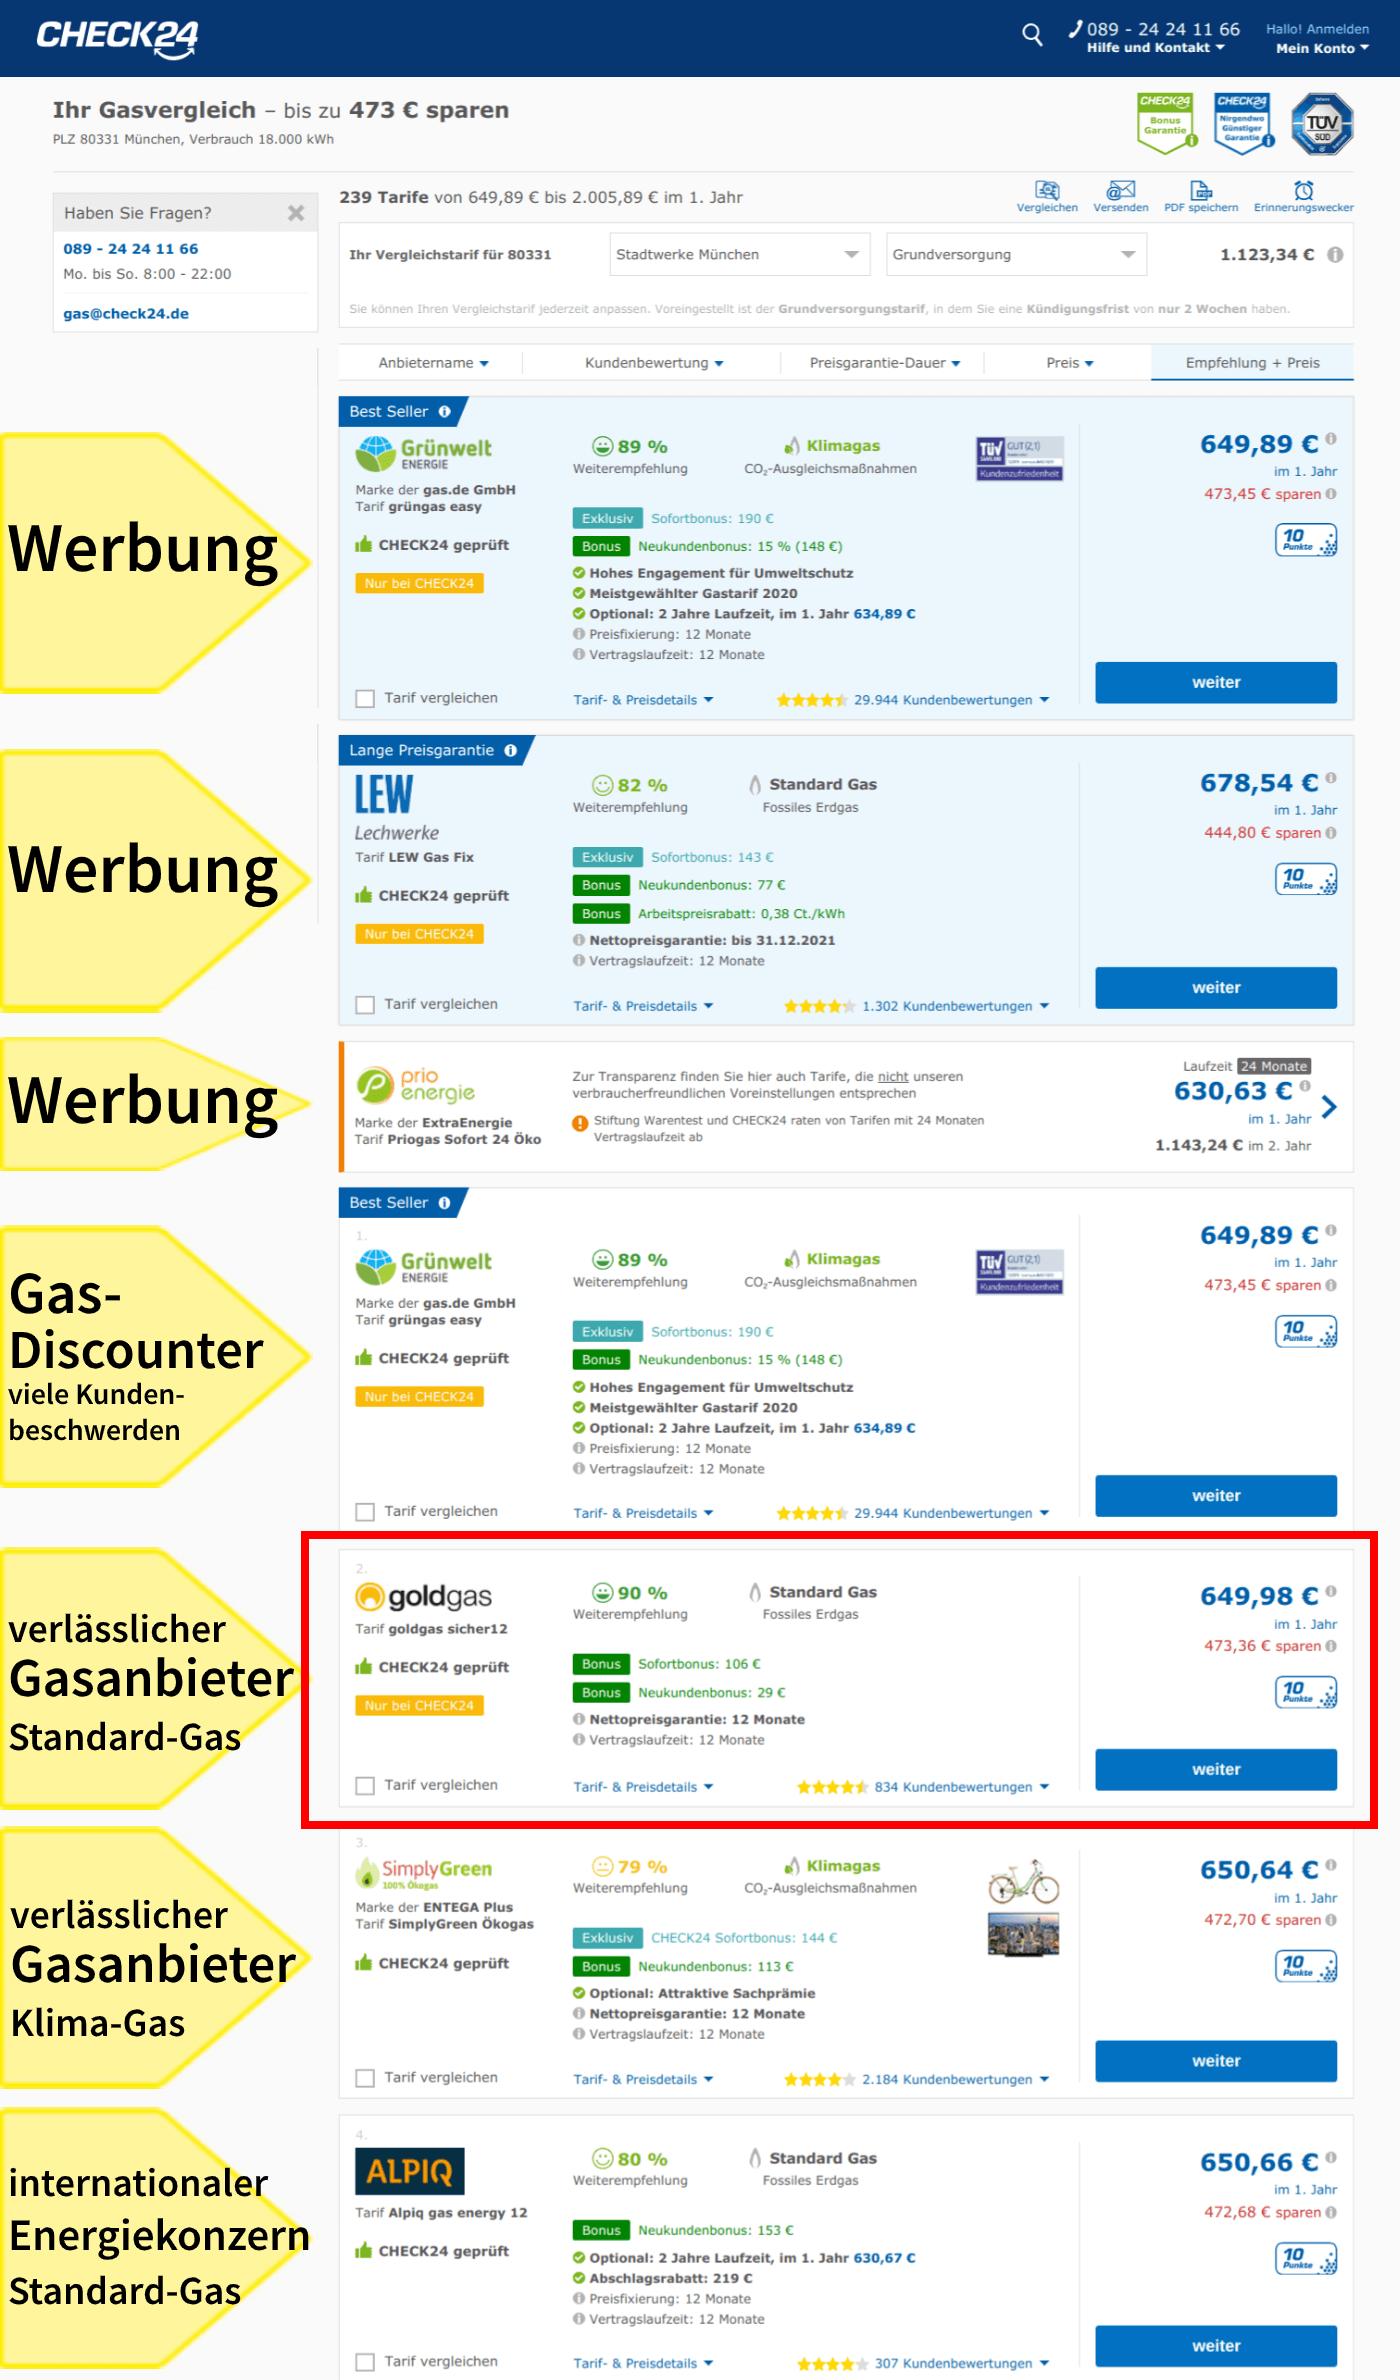 Gasanbieterwechsel Hamburg Gastarife jährlicher Wechsel Vergleichsportal Check 24